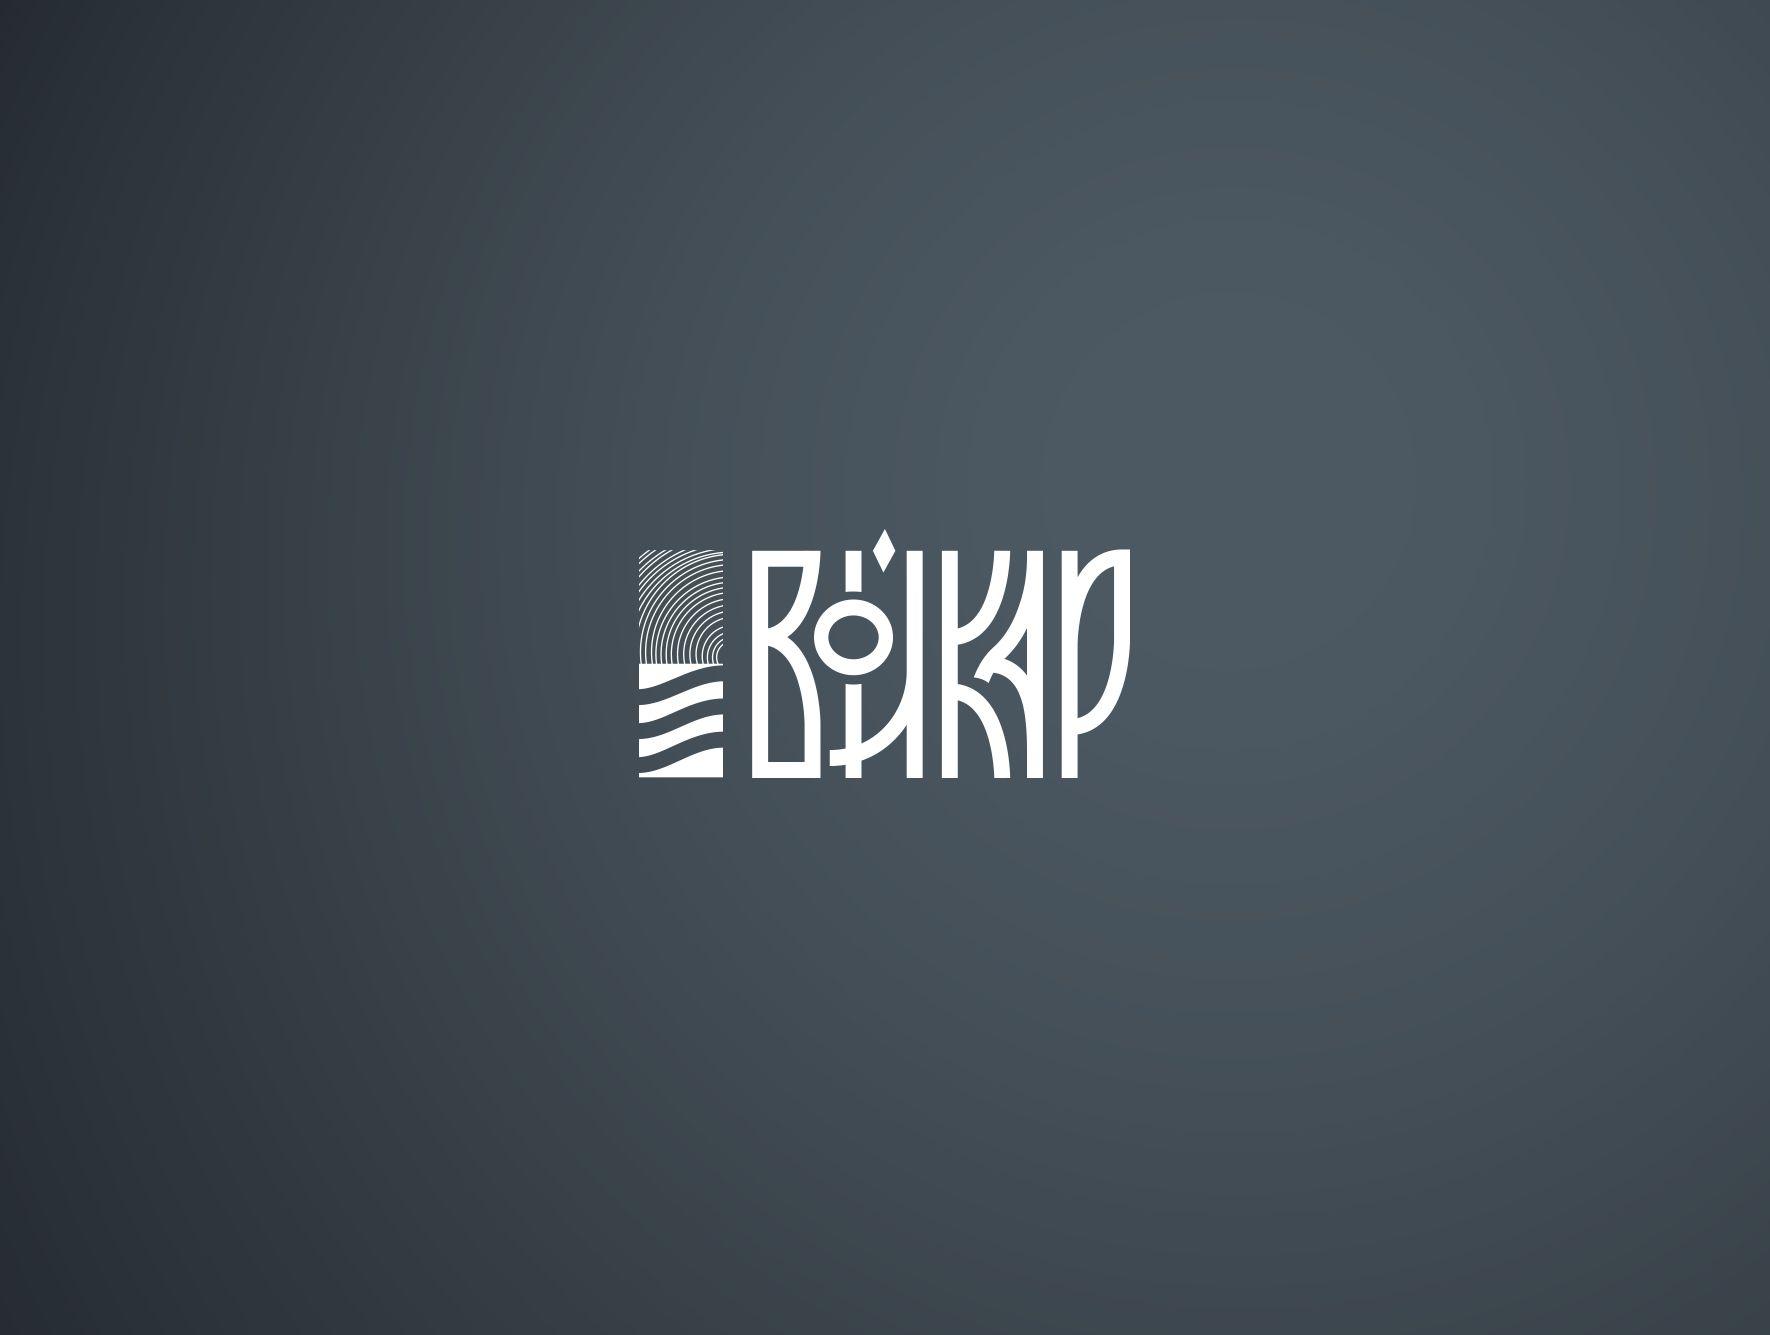 Логотип для столярного производства ВОЙКАР - дизайнер aeschylus